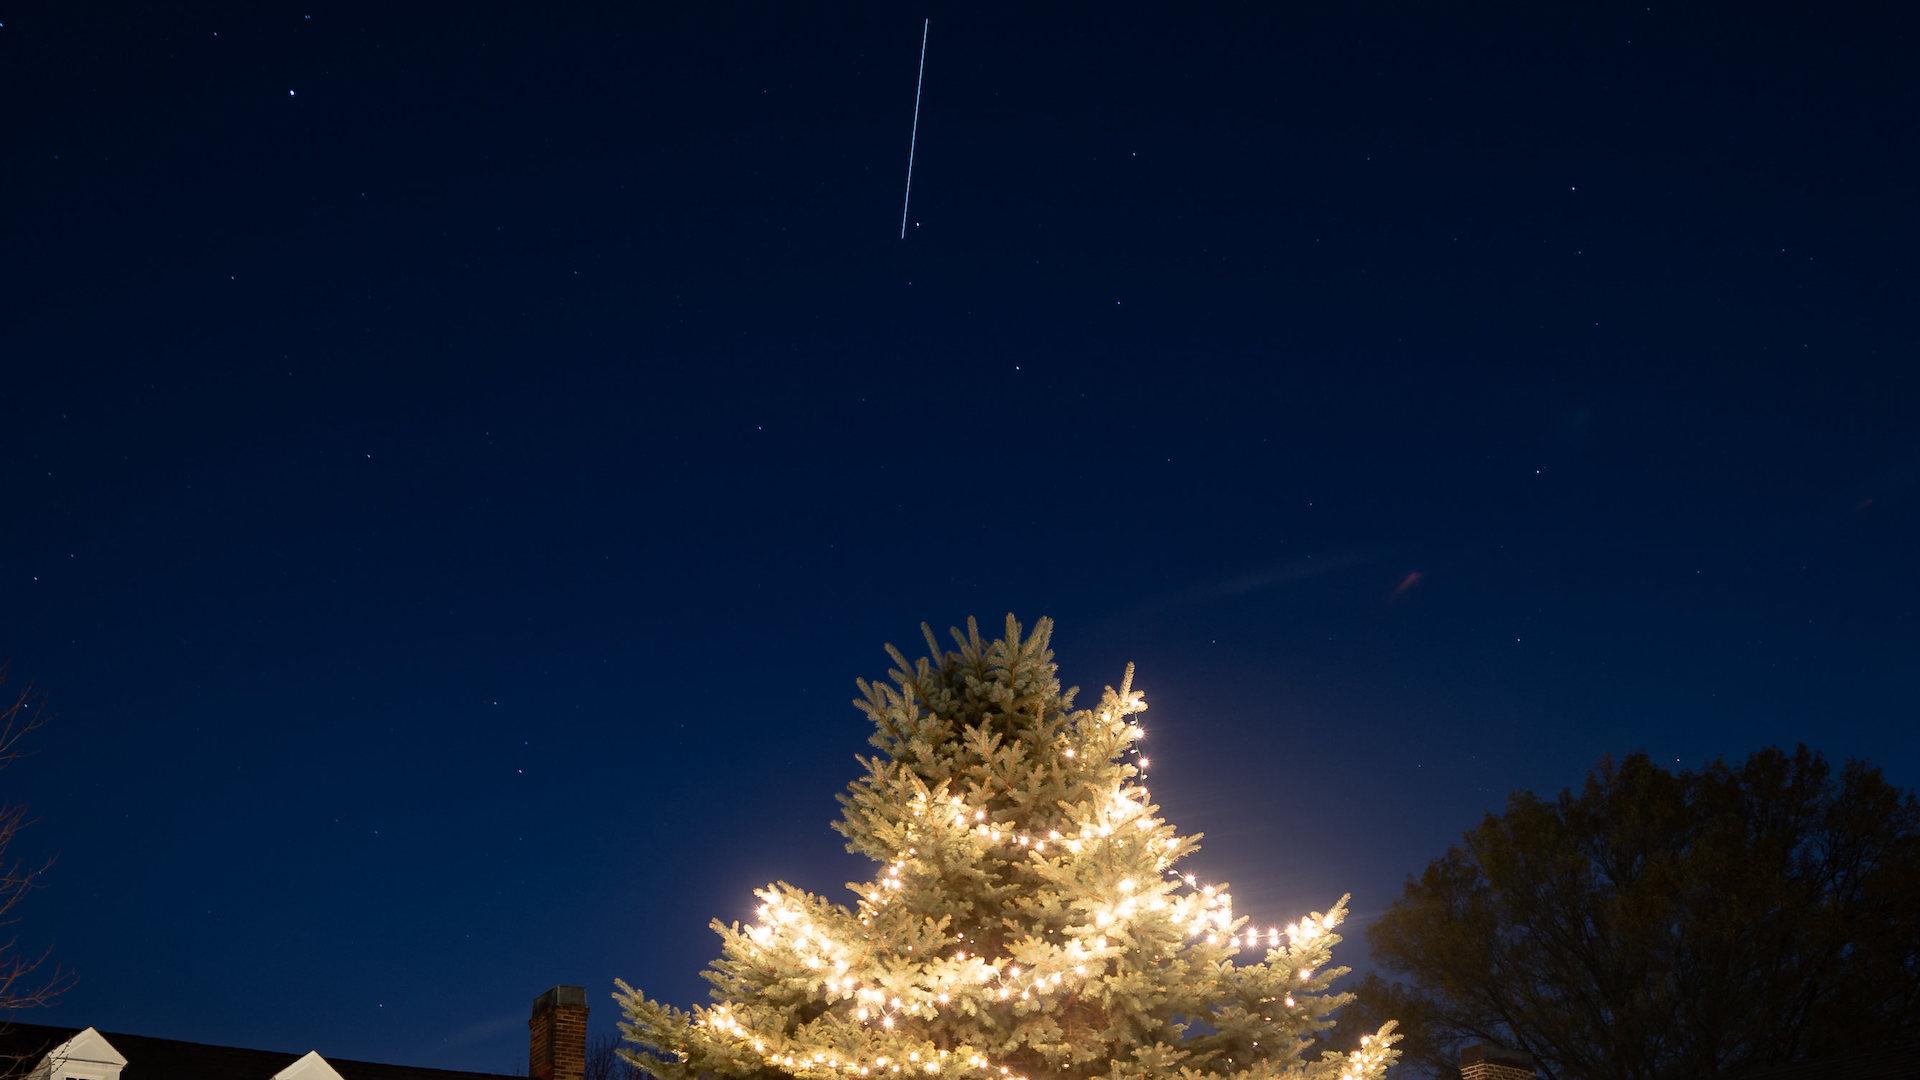 Así se ve la Estación Espacial desde la Tierra en la previa de Navidad